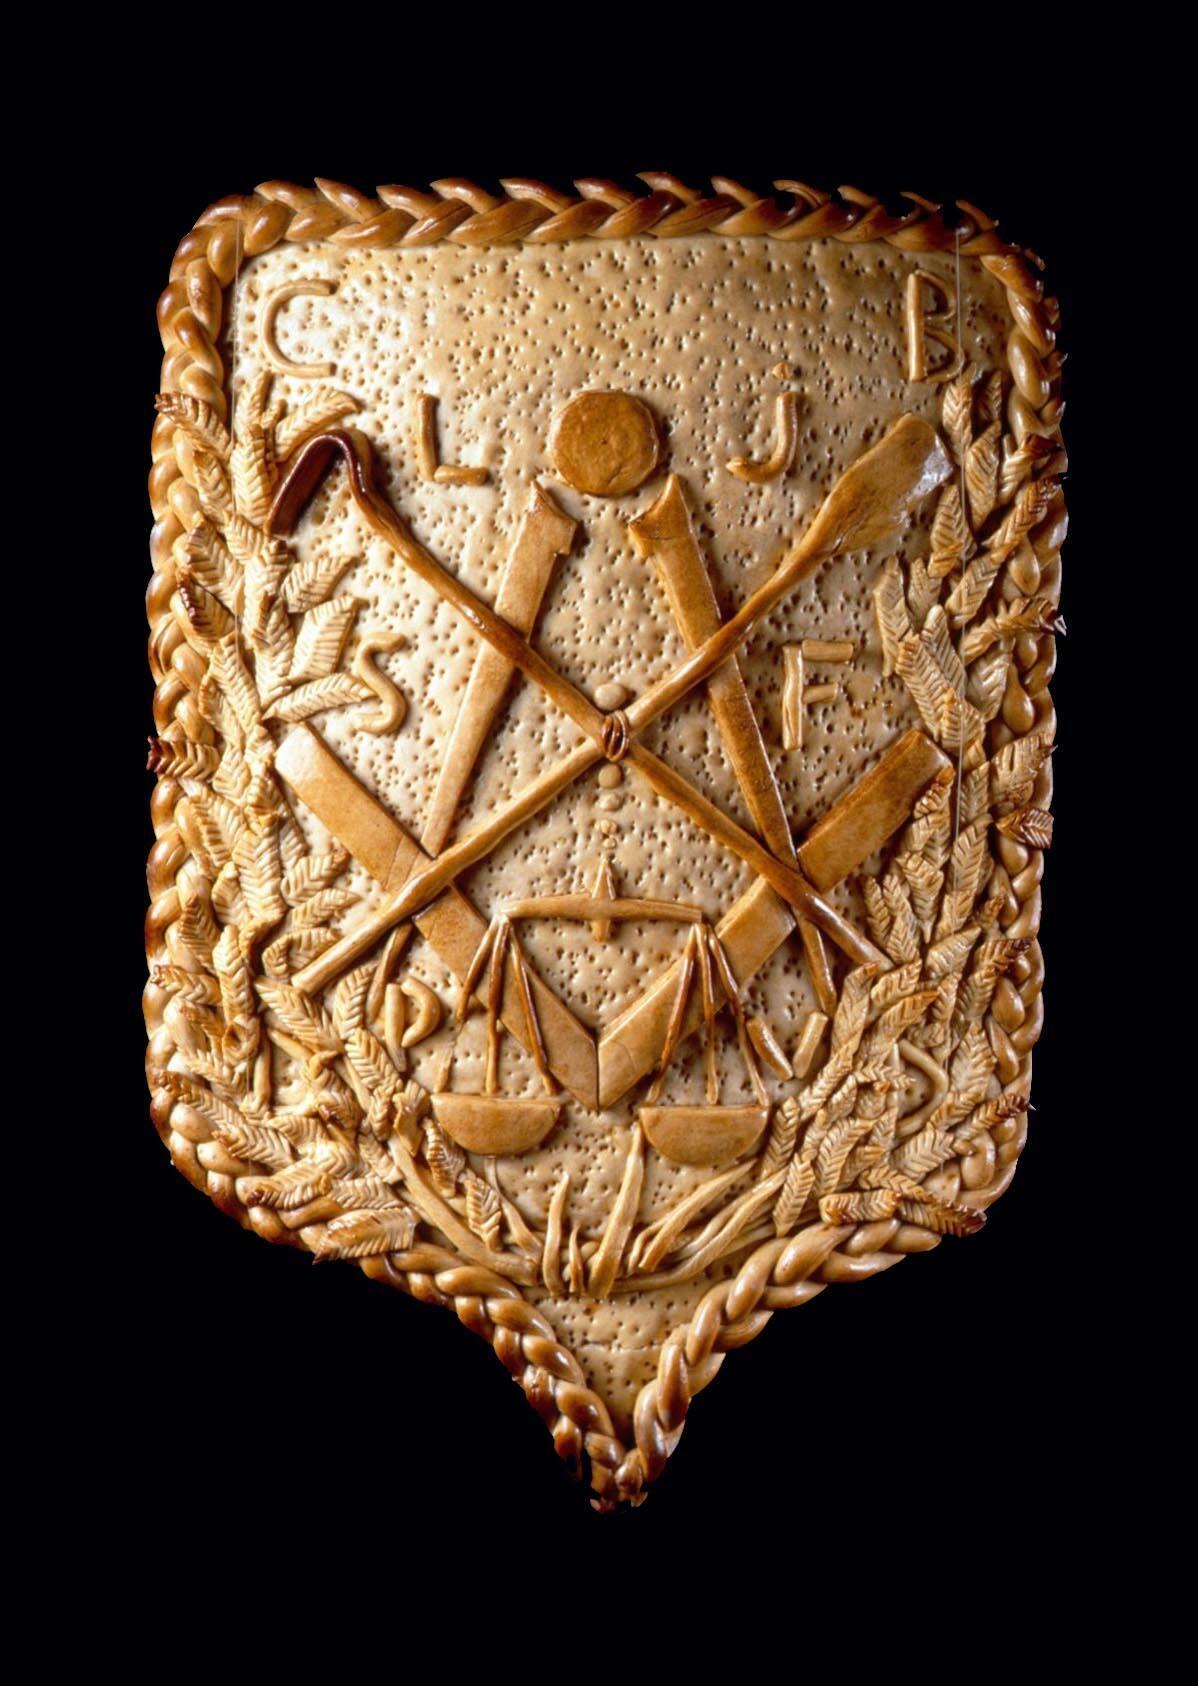 Герб булочников с символикой, весьма напоминающей масонскую